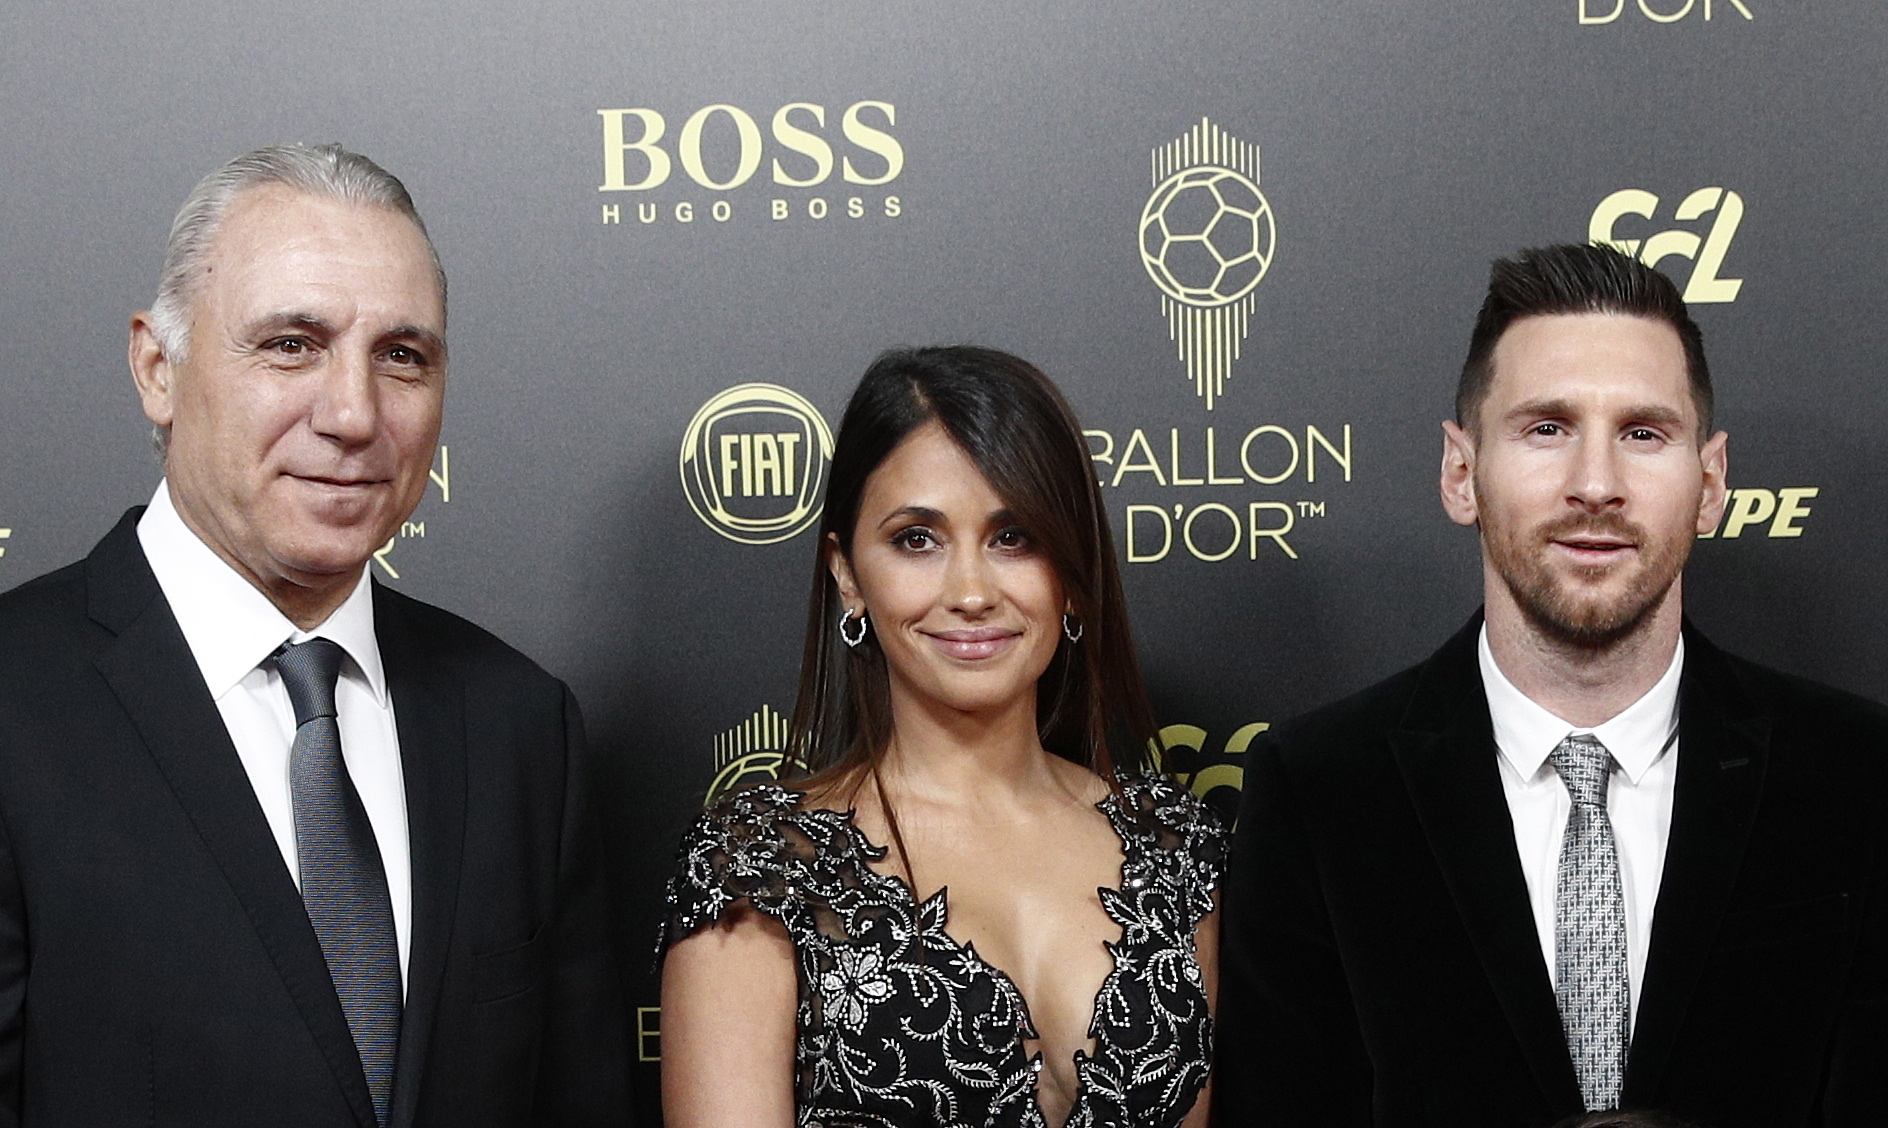 Аржентинецът изпревари в анкетата на Франс Футбол футболиста на Ливърпул Върджил ван Дайк и Кристиано Роналдо от Ювентус, а на четвърта и пета позиция се наредиха играчите на Ливърпул Садио Мане и Мохамед Салах.